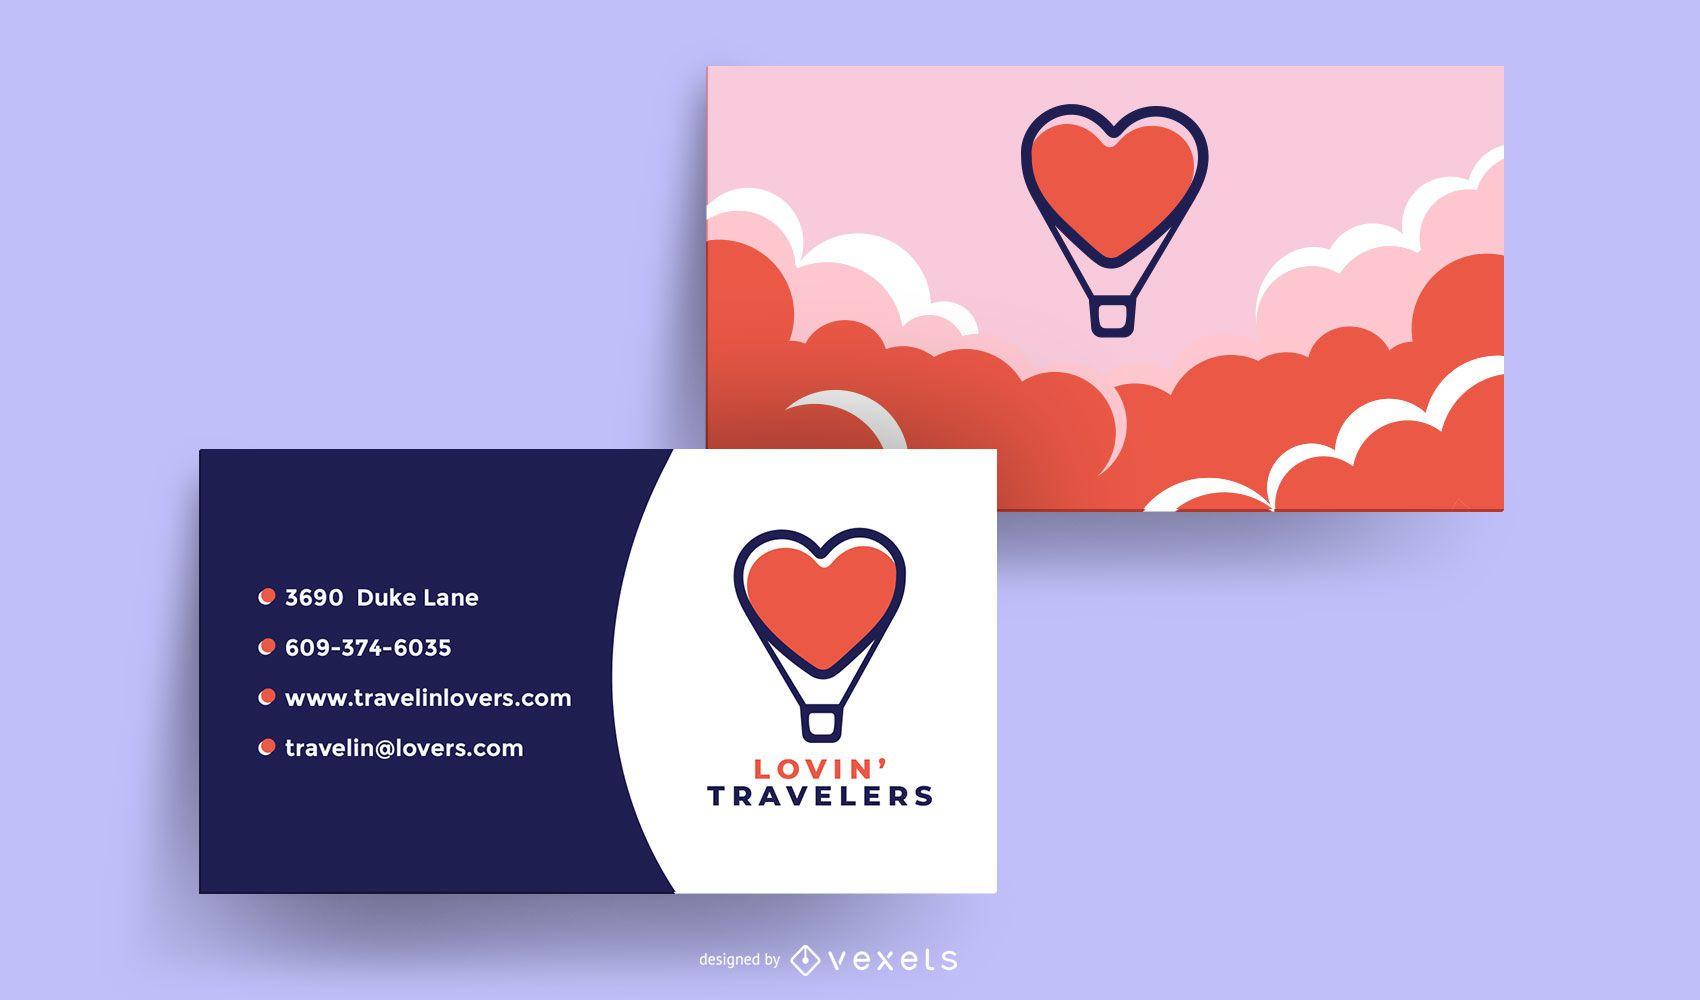 Diseño de Tarjeta de Presentación de Viajeros Amorosos